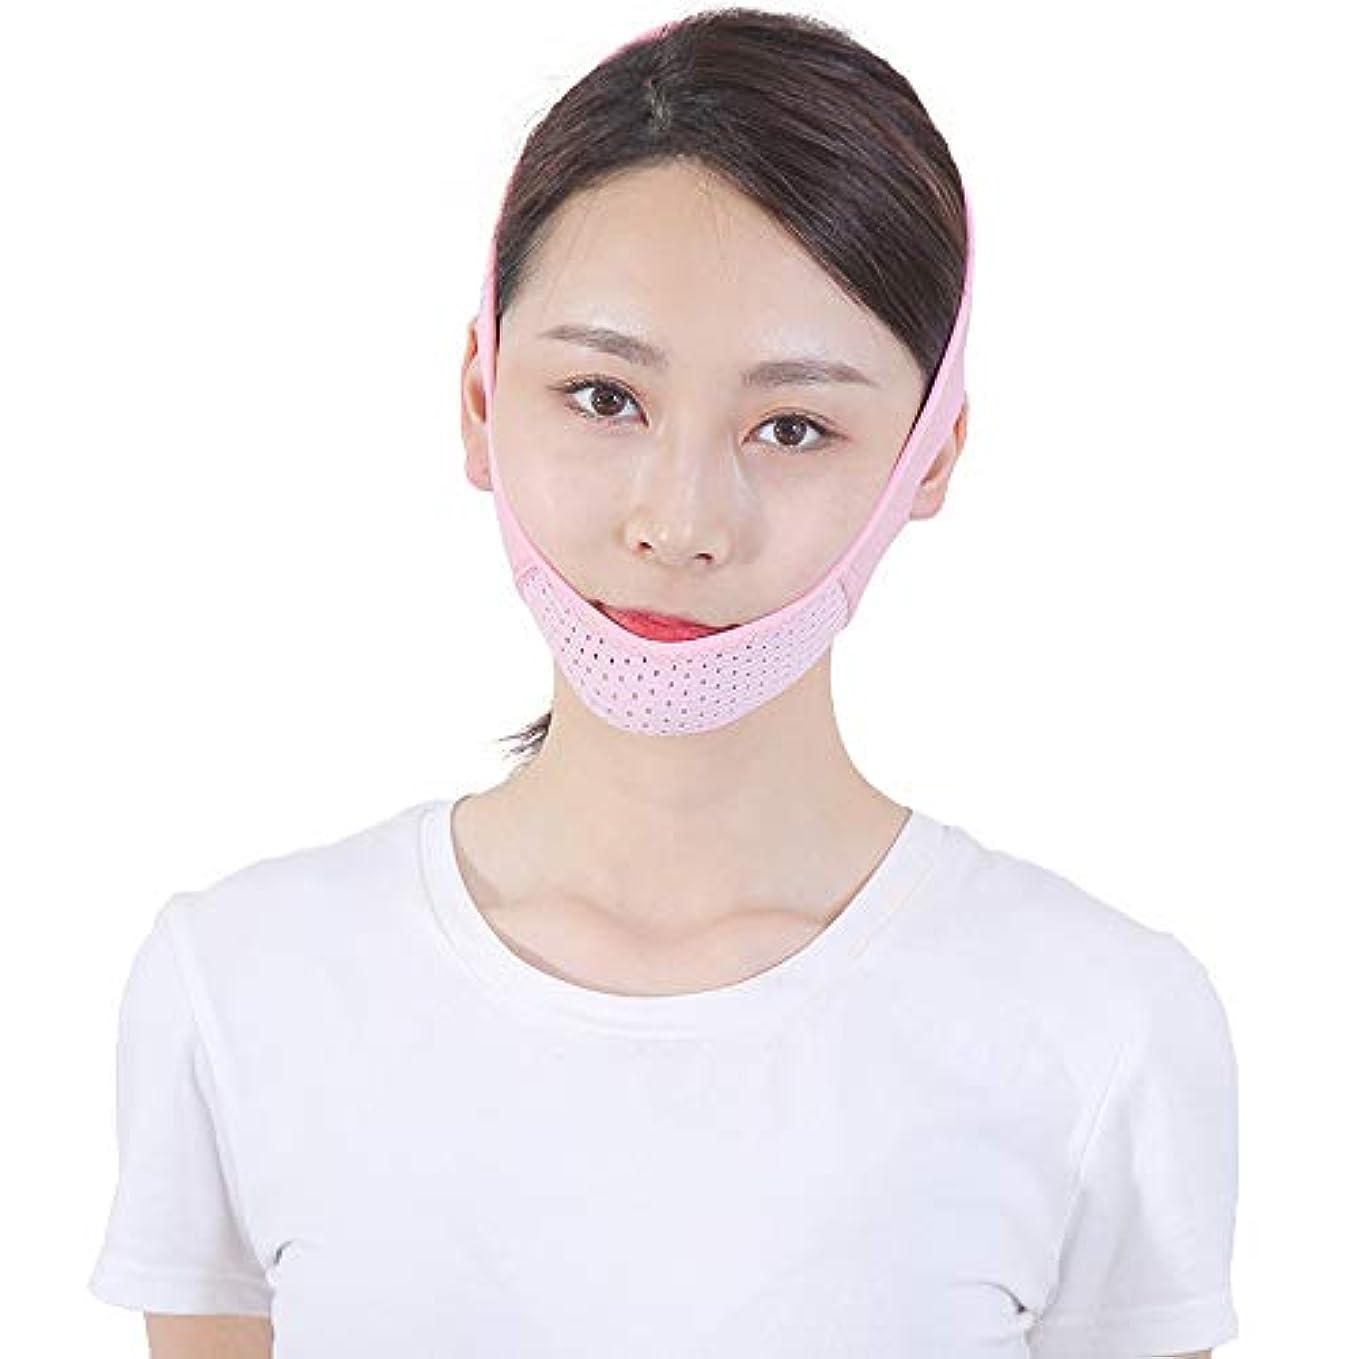 優先女将無限GYZ フェイシャルリフティング痩身ベルトフェイススリムゲットダブルチンアンチエイジングリンクルフェイスバンデージマスクシェイピングマスク顔を引き締めるダブルチンワークアウト Thin Face Belt